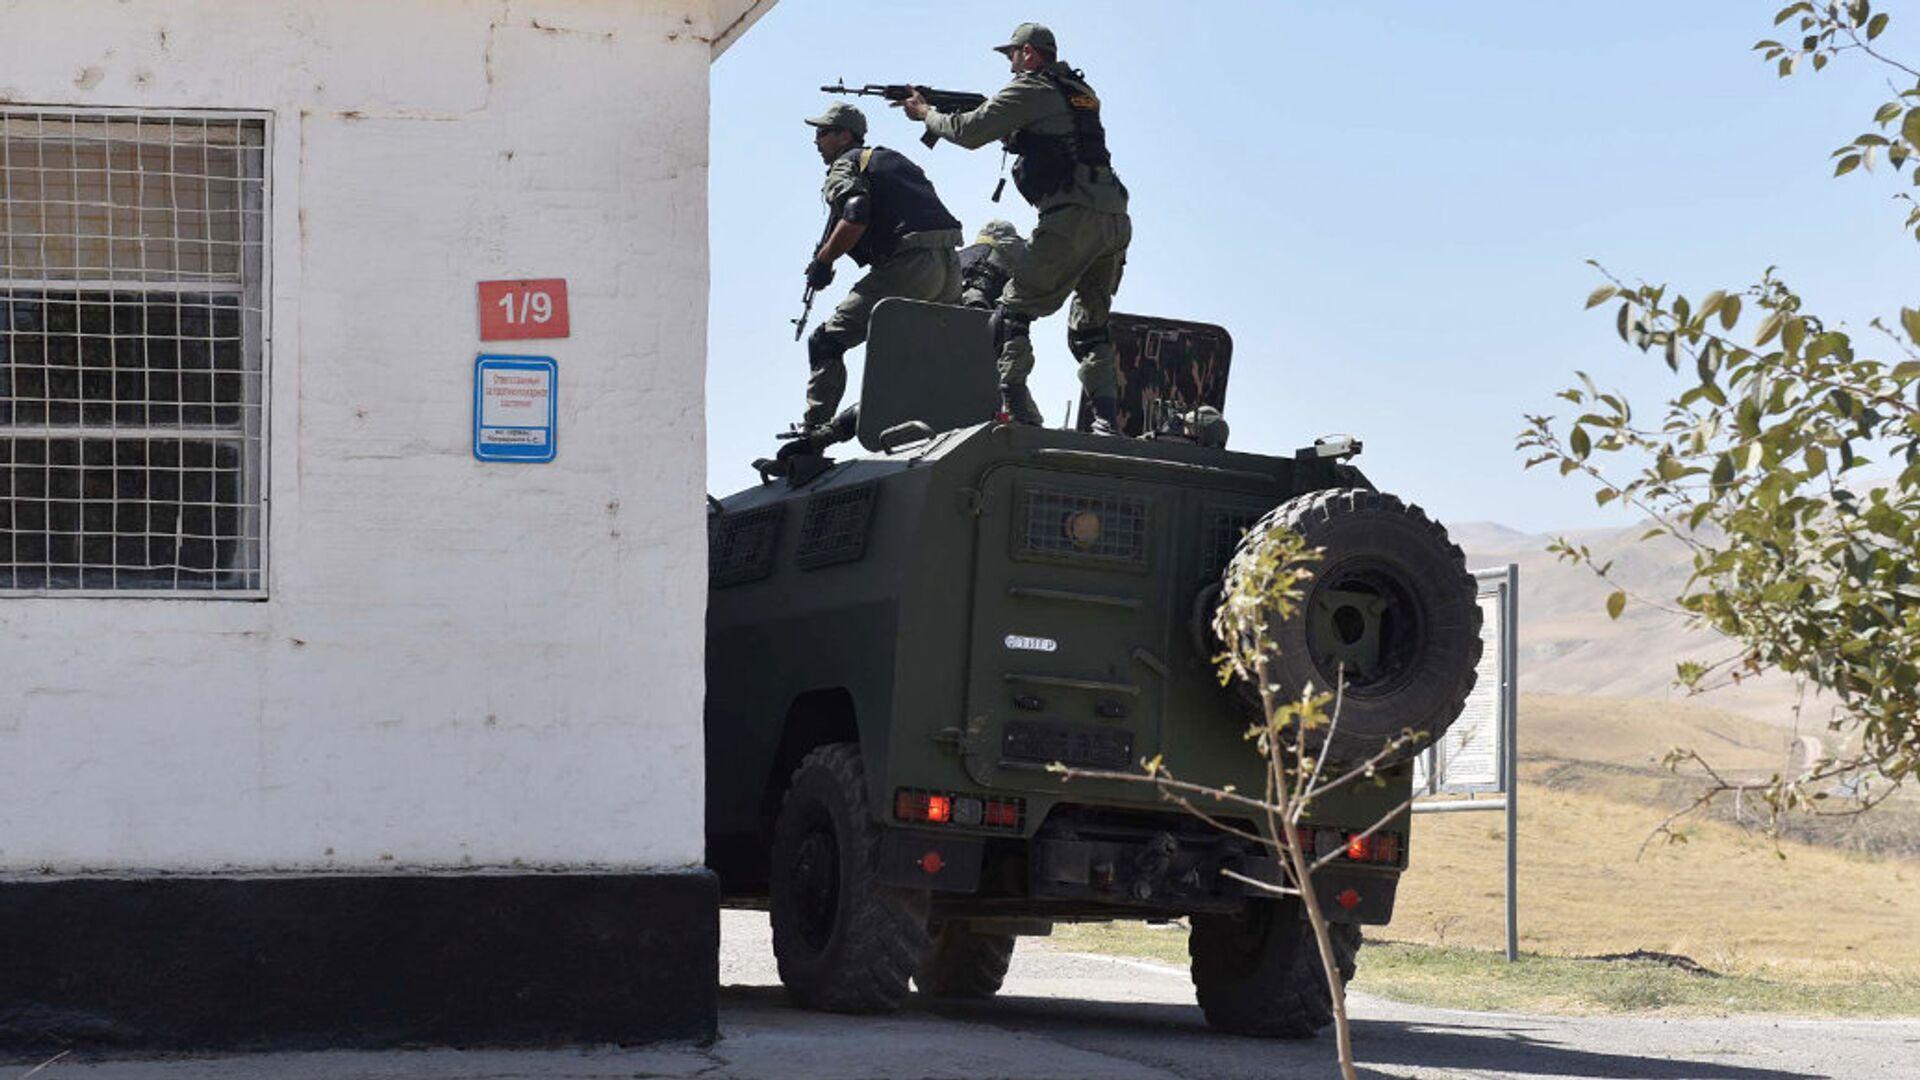 Спецназ Таджикистана во время учений на 201-й российской военной базе - РИА Новости, 1920, 28.07.2021